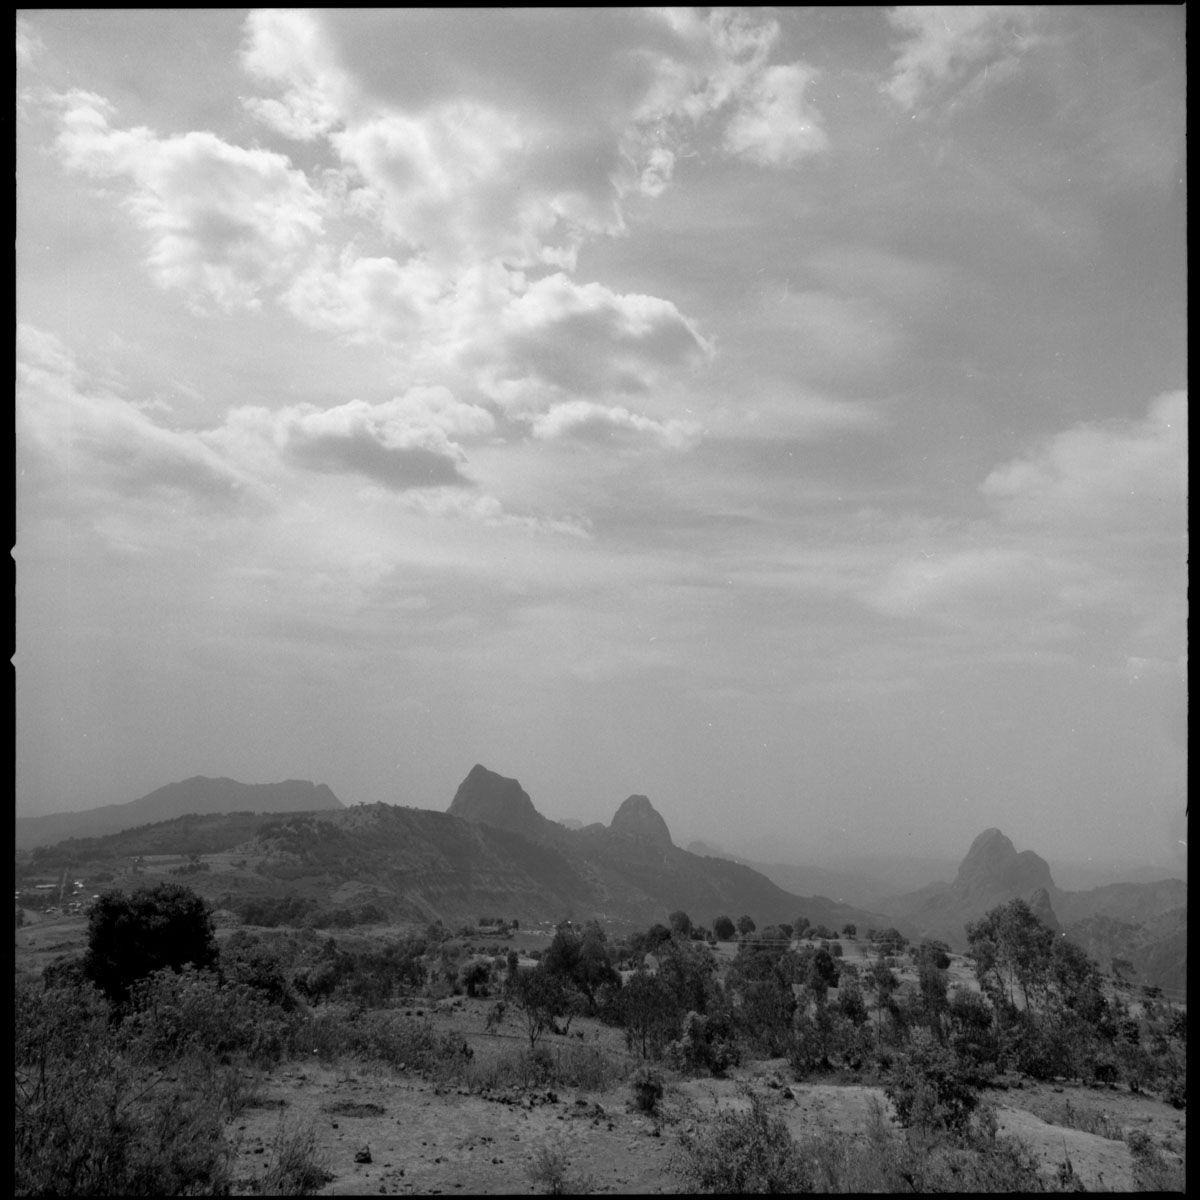 Etiopia_trip_2015_Acros_Neopan_by_Victor_Bezrukov-10.JPG